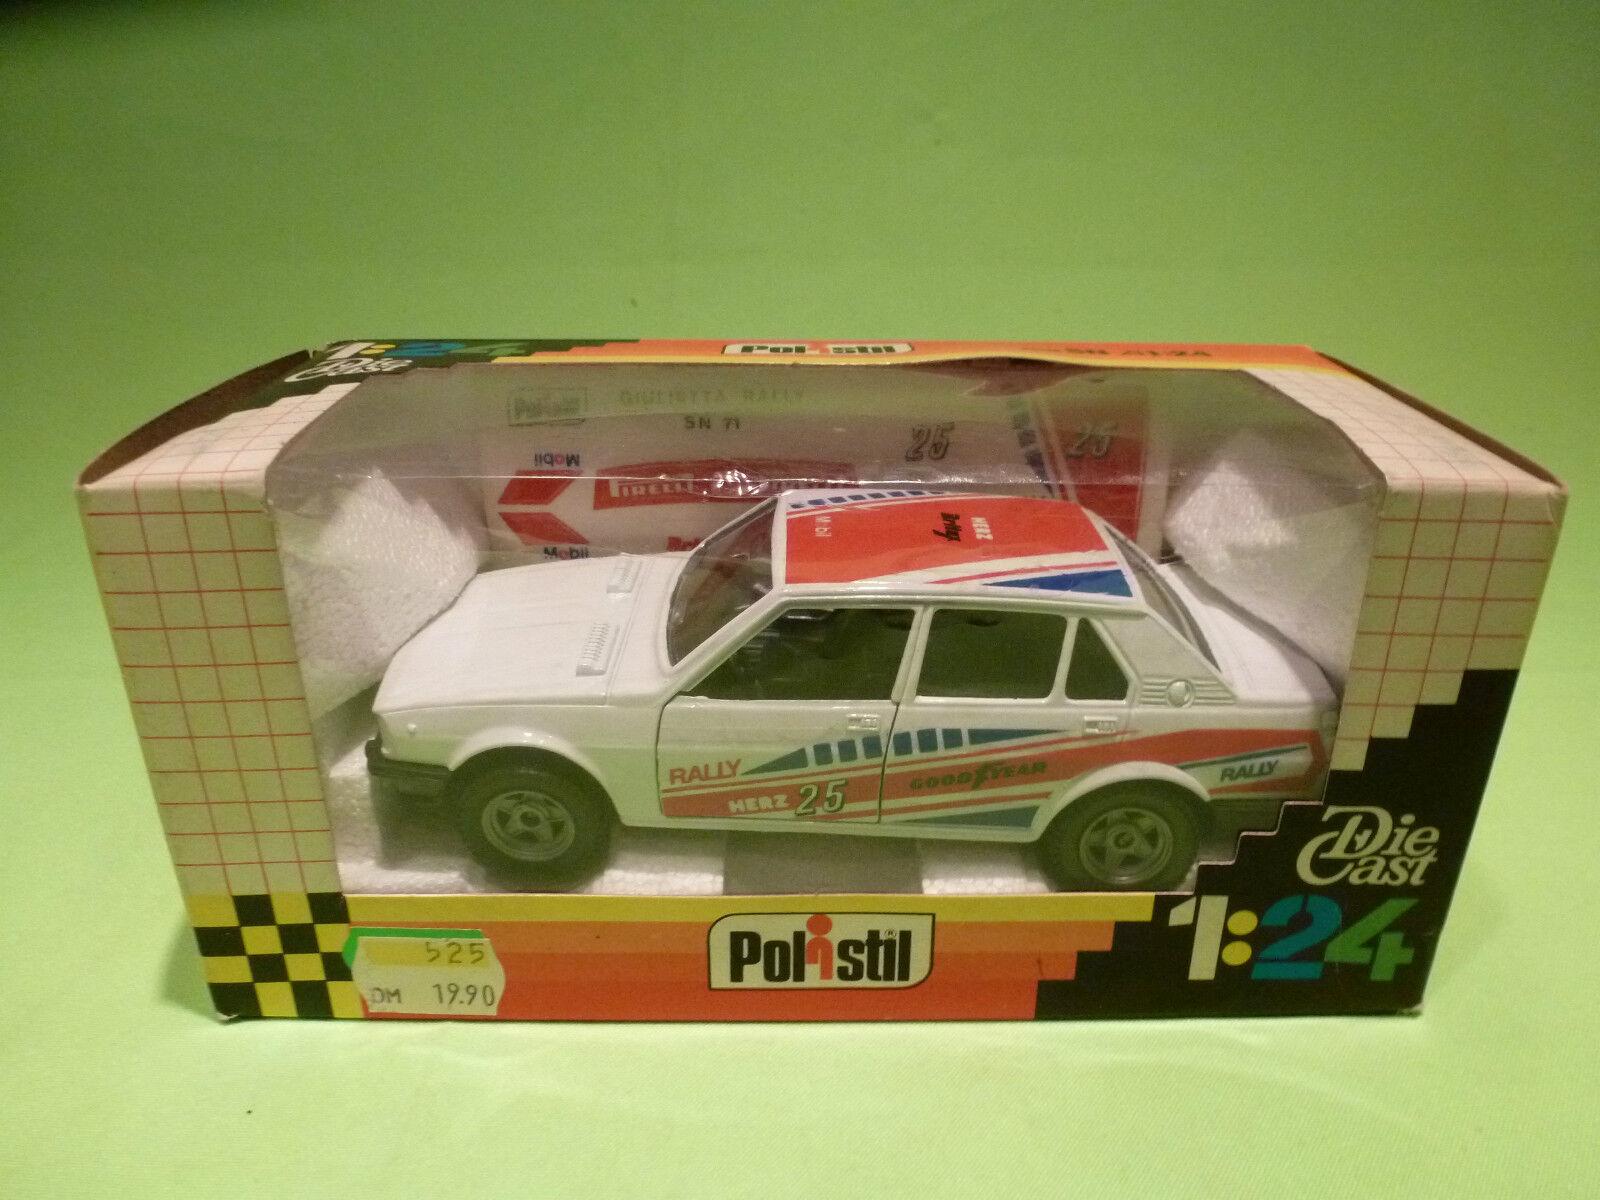 POLISTIL 1 24   ALFA ALFA ALFA GIULIETTA RALLY -  IN ORIGINAL BOX -  IN GOOD CONDITION 28cf80